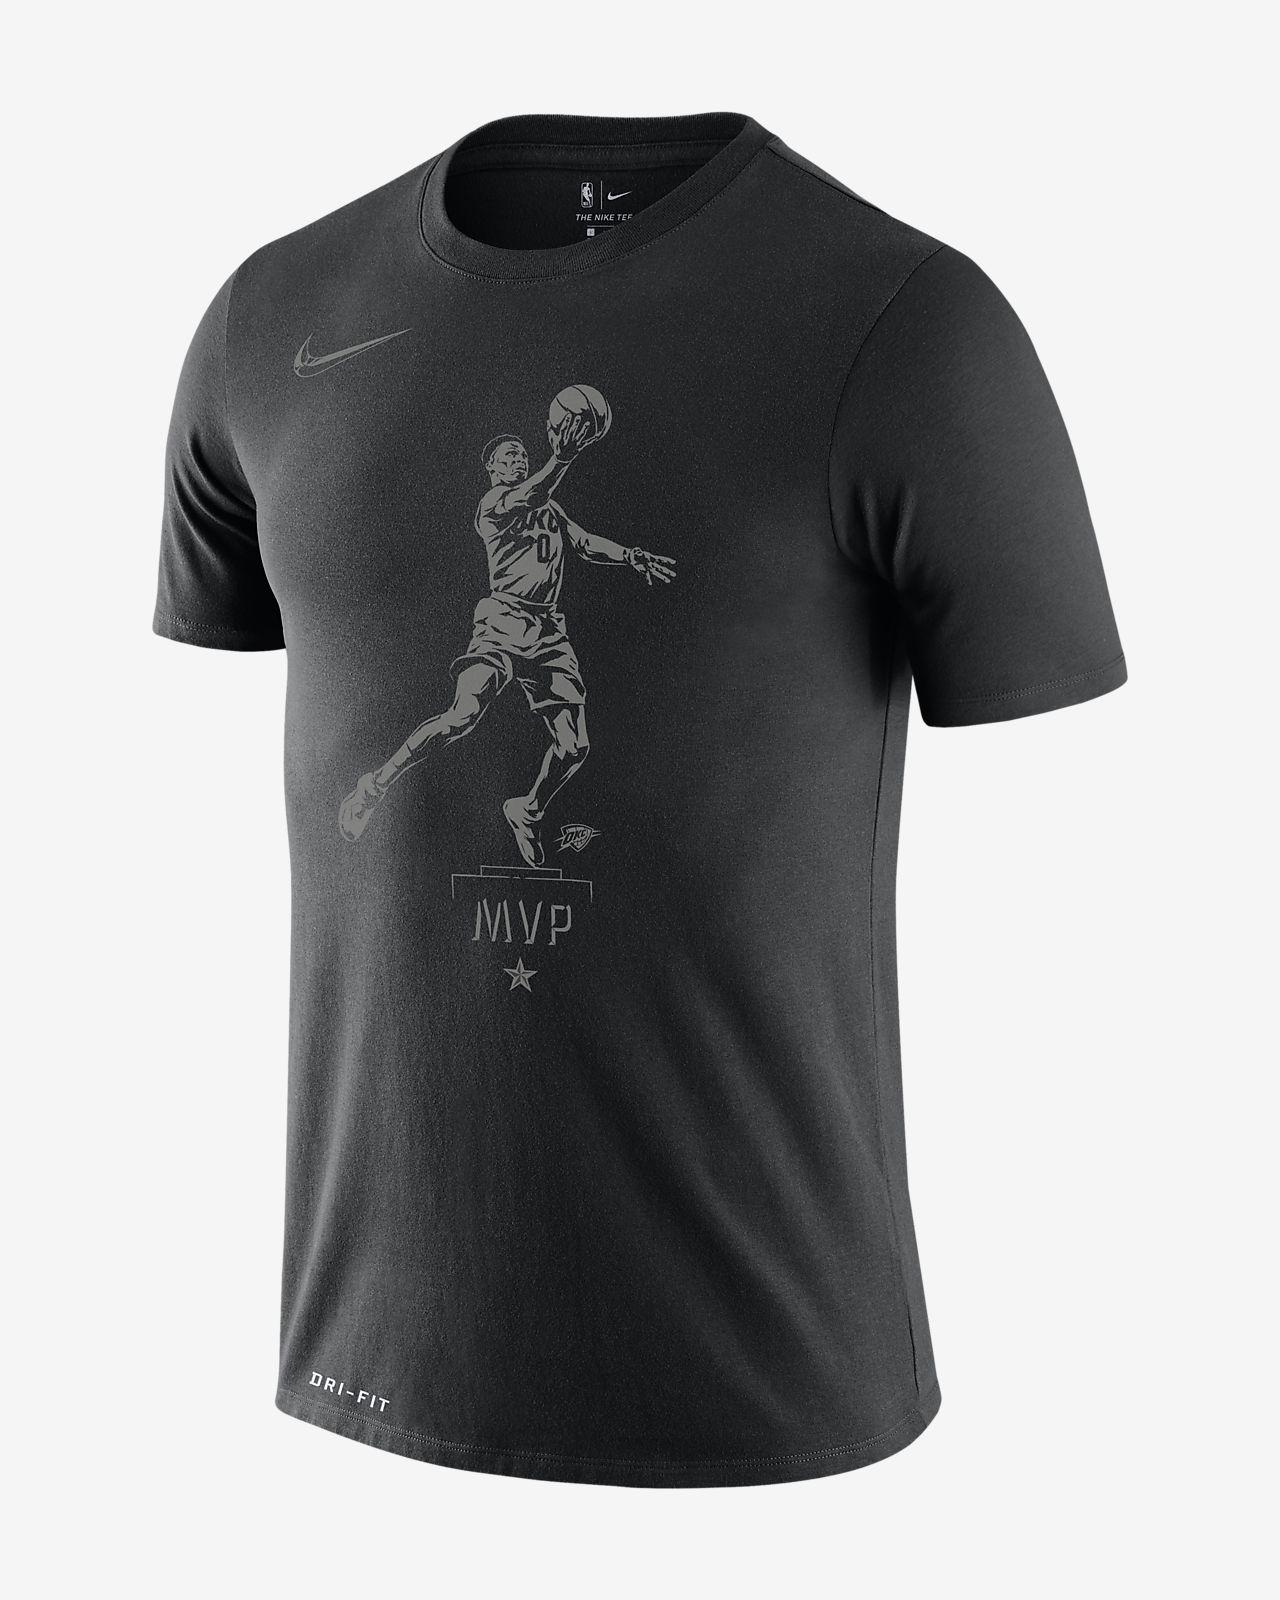 """เสื้อยืด NBA ผู้ชาย Russell Westbrook Nike Dri-FIT """"MVP"""""""